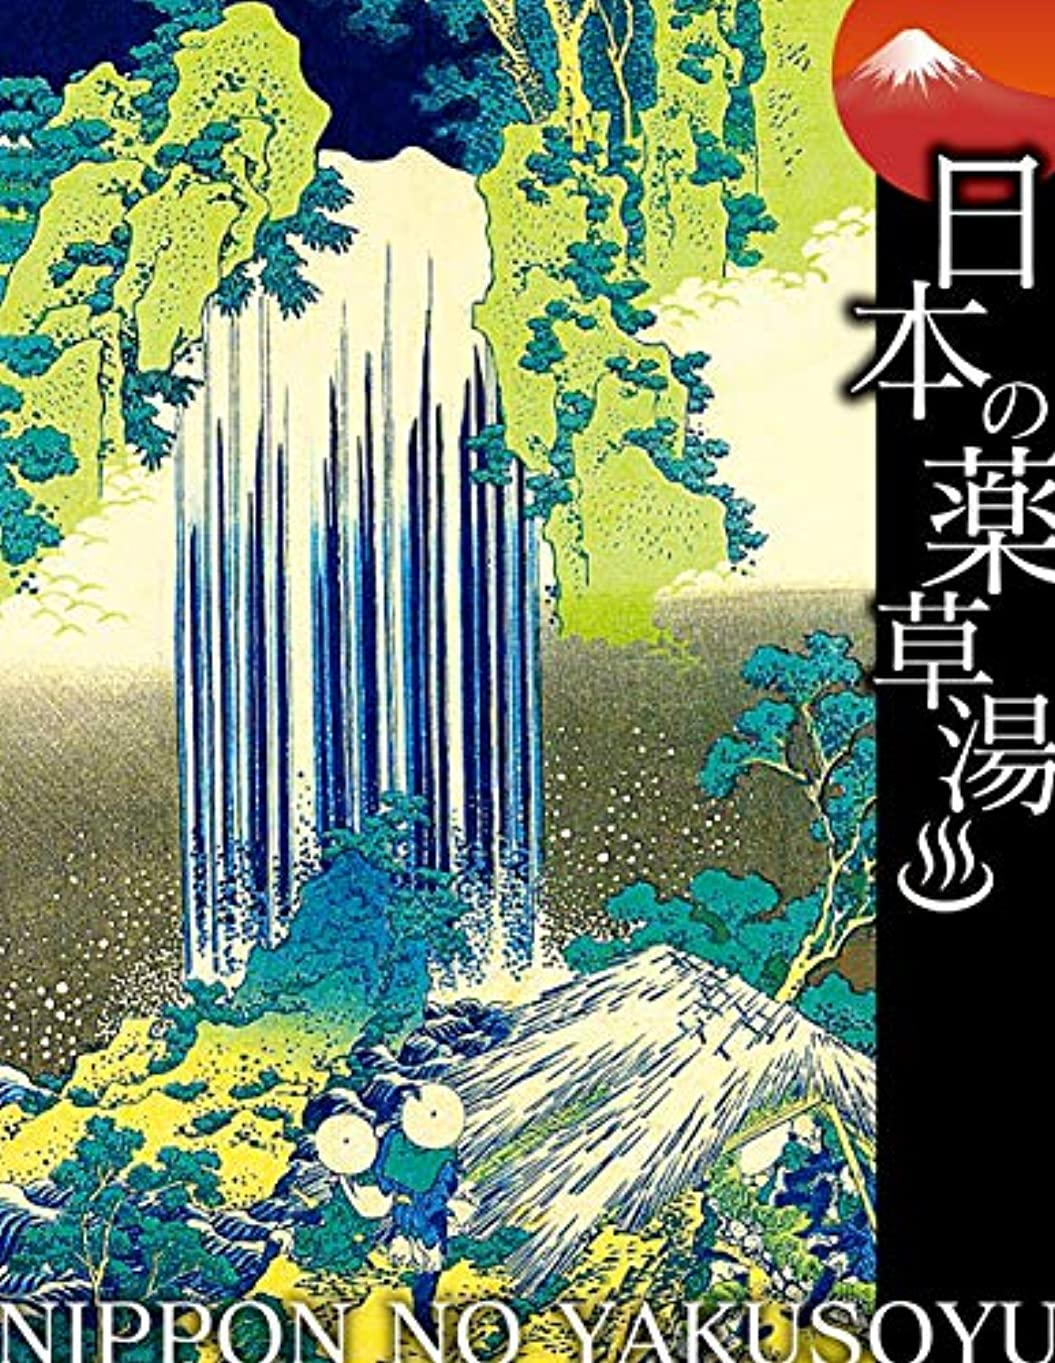 ダッシュ一致する受け入れた日本の薬草湯 美濃ノ国養老の瀧(諸国瀧廻り)